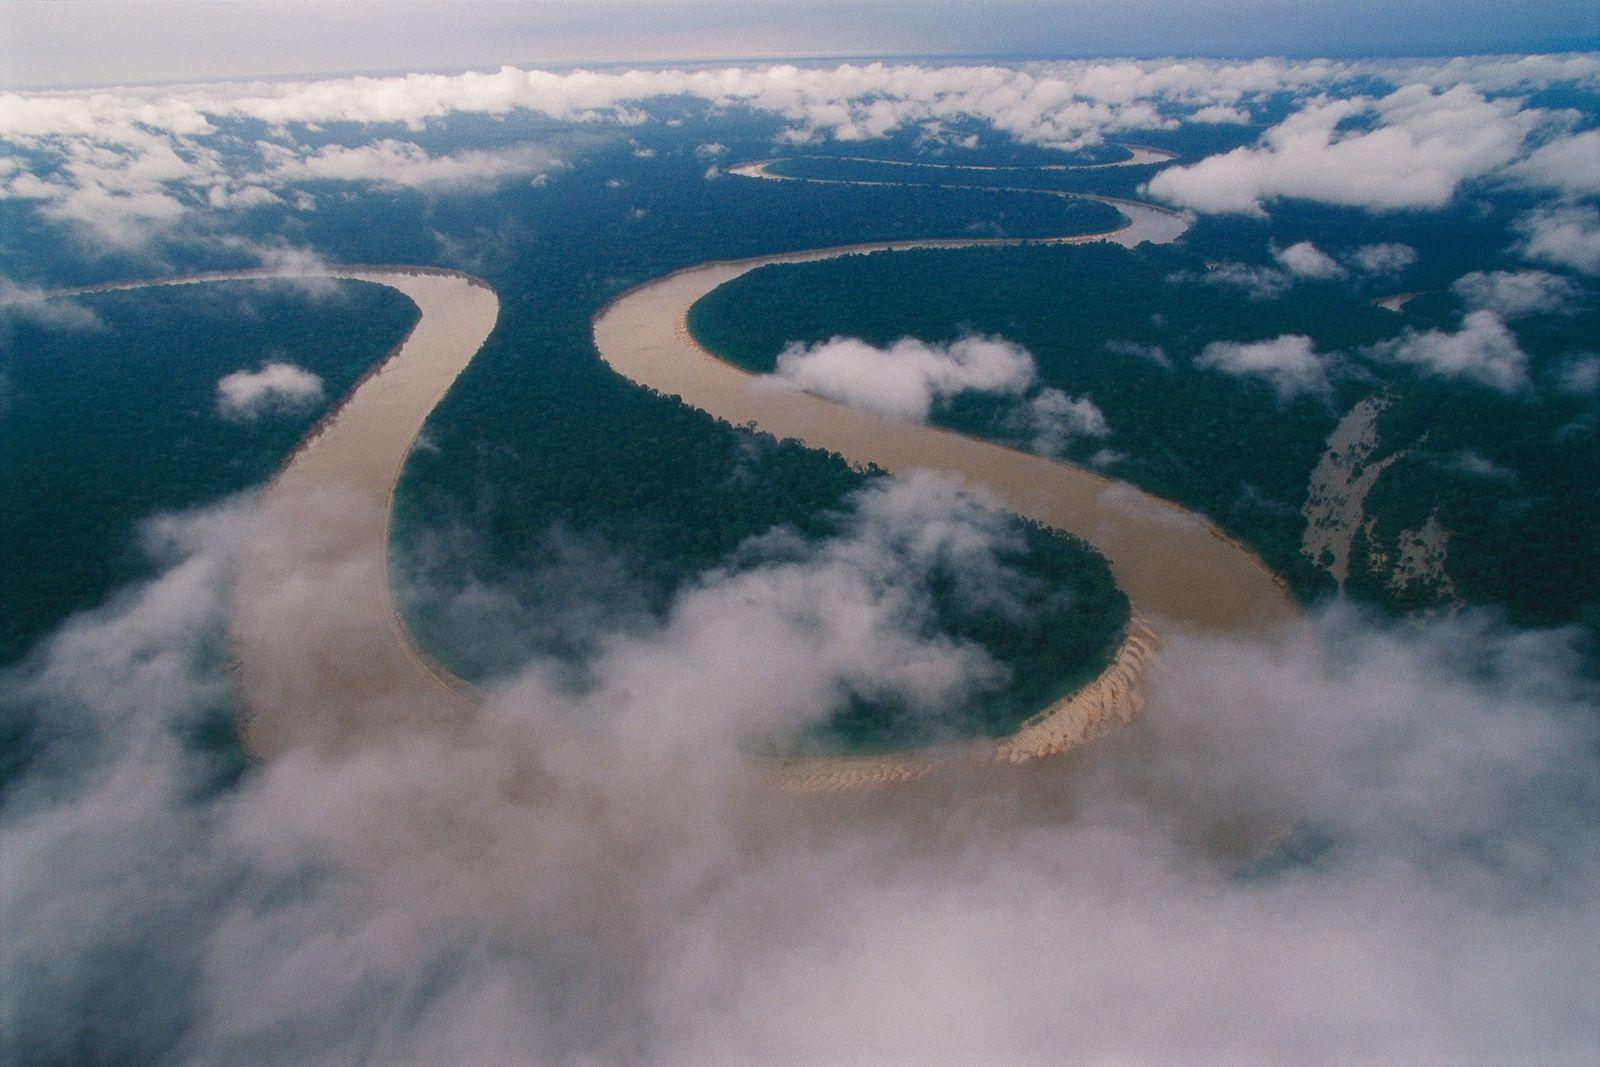 Cortando o extremo oeste da região amazônica do Brasil, o rio Itaquaí chega ao remoto território ...